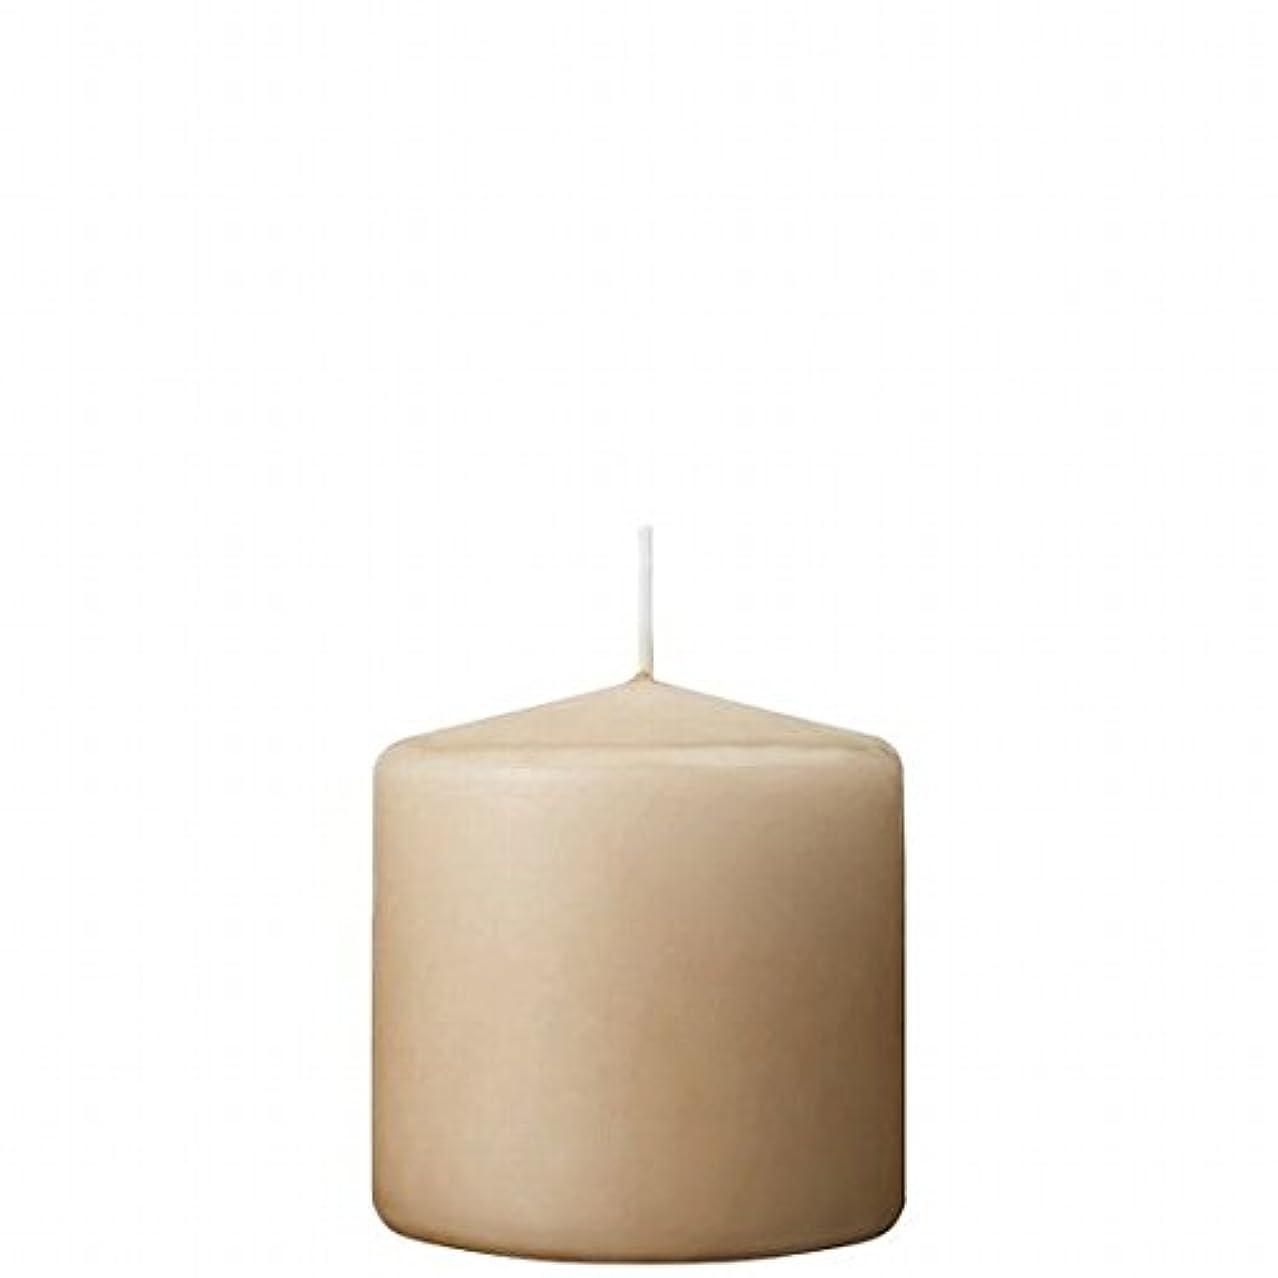 地下室アクセスできない市民権kameyama candle(カメヤマキャンドル) 3×3ベルトップピラーキャンドル 「 ベージュ 」(A9730000BG)